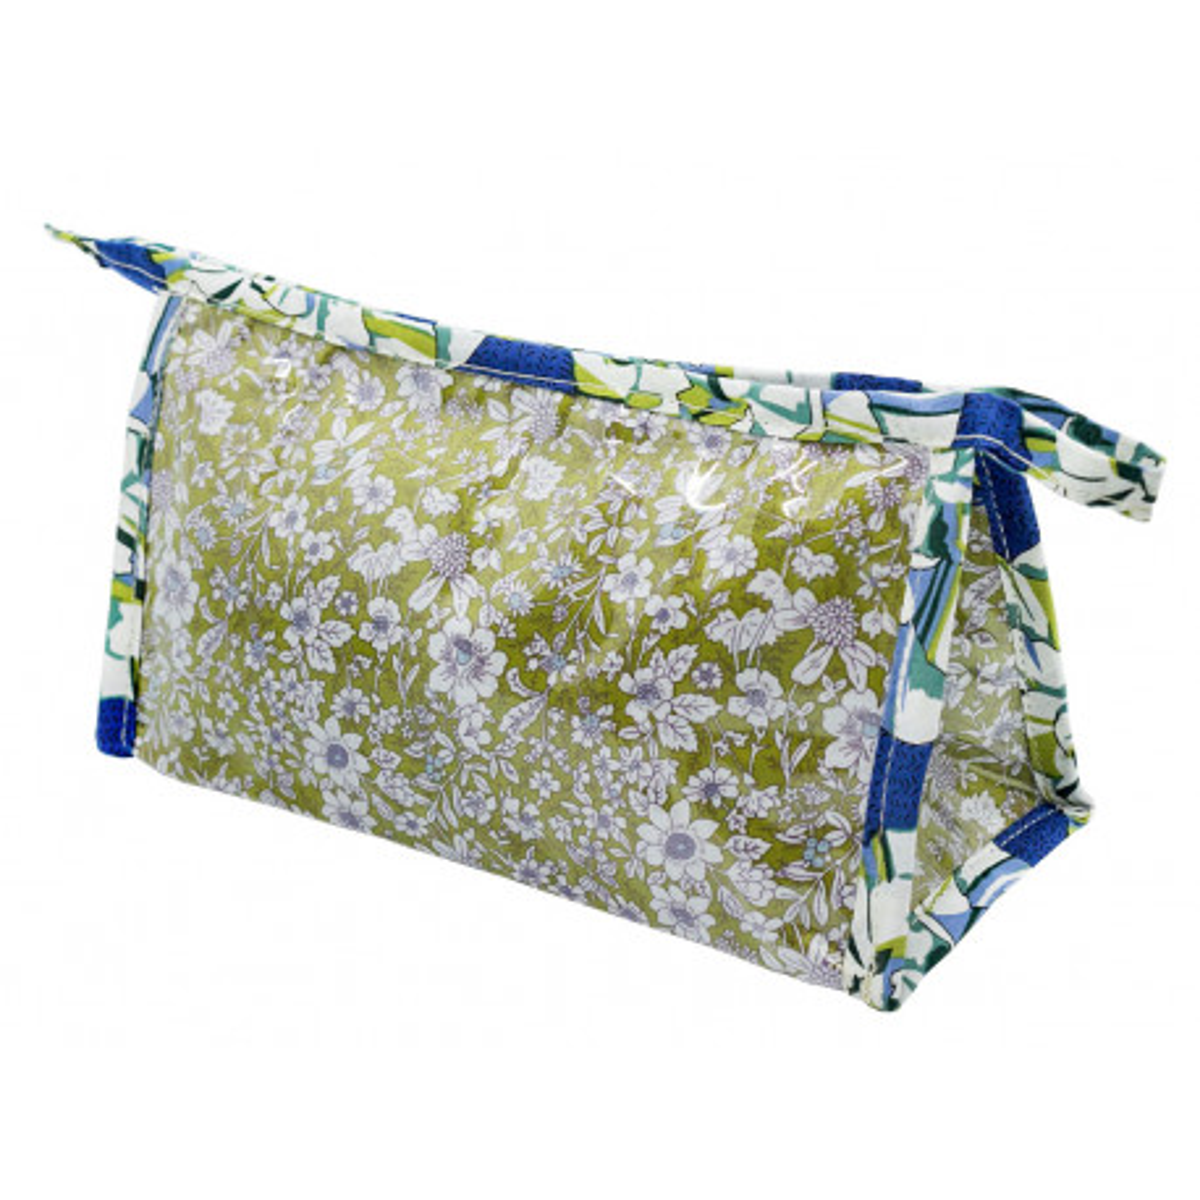 Petite trousse de toilette bleu et vert olive à fleurs